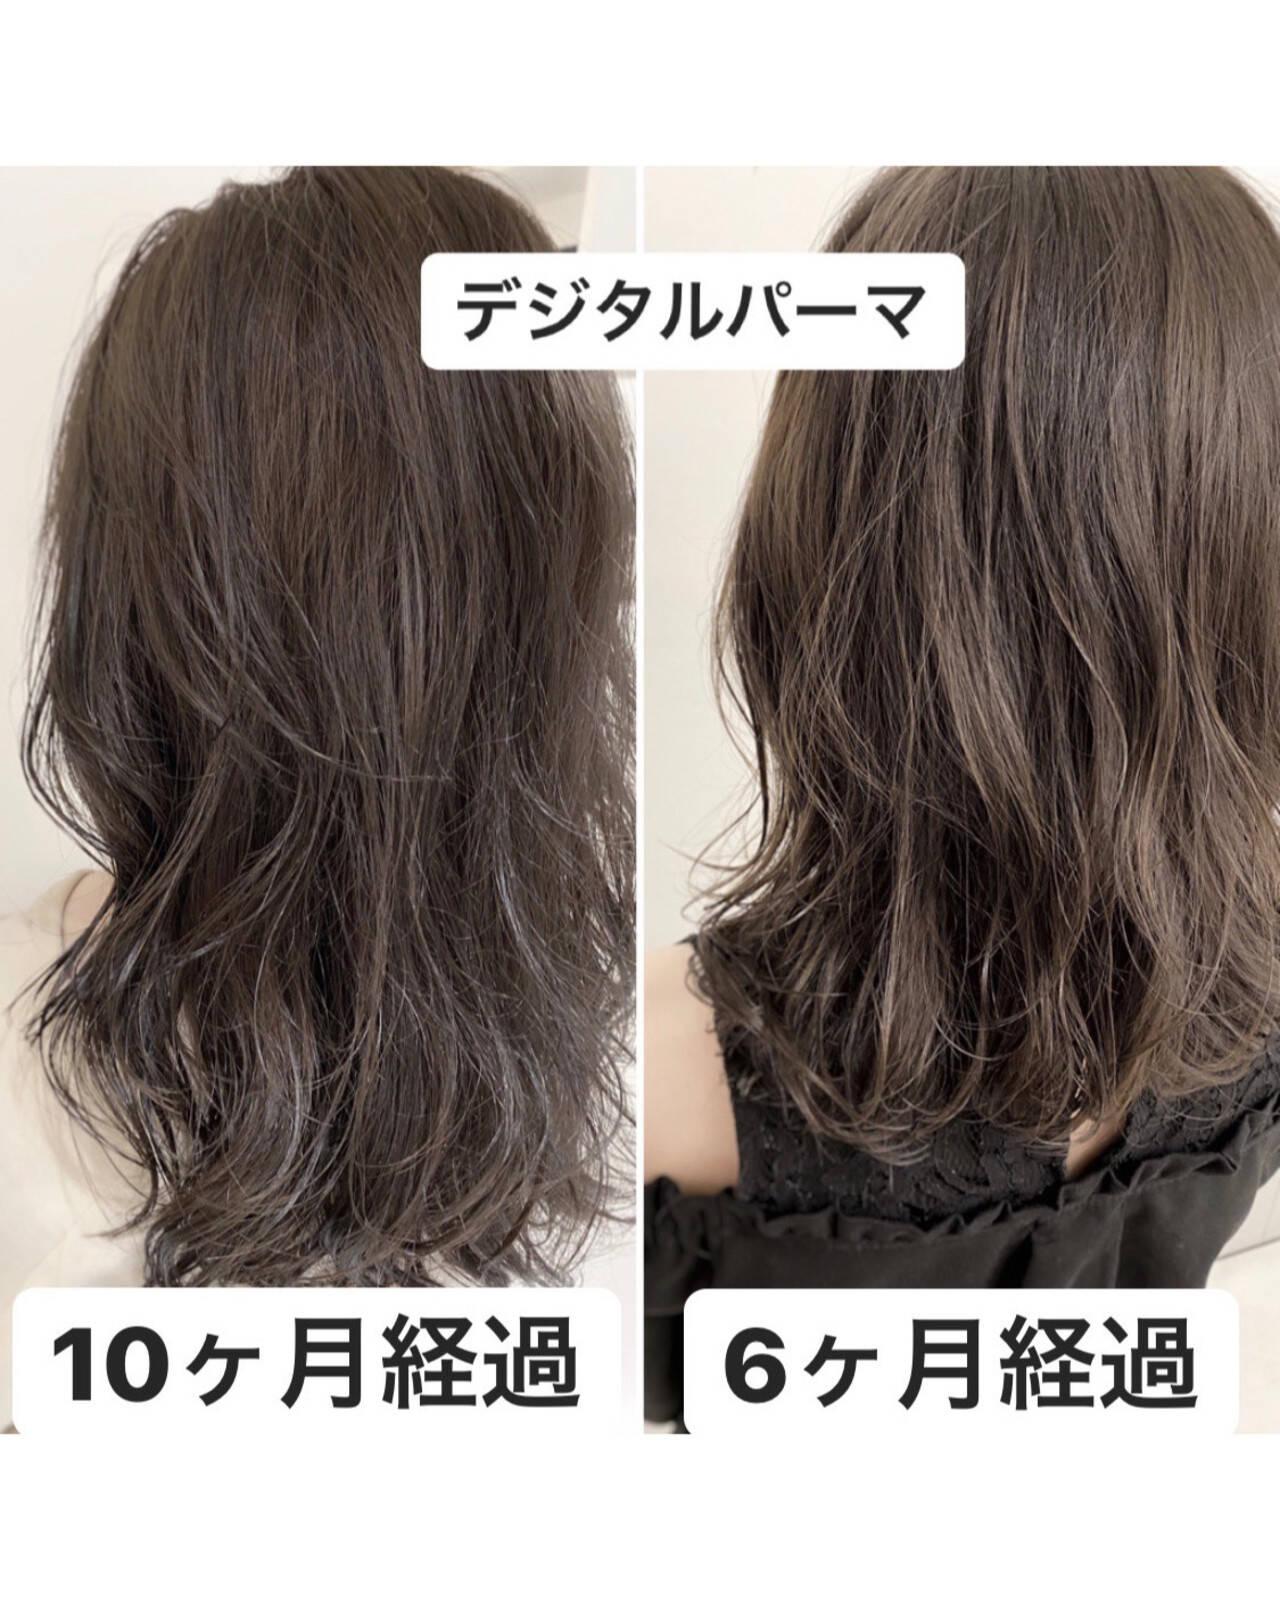 セミロング イルミナカラー 透明感カラー 外国人風カラーヘアスタイルや髪型の写真・画像